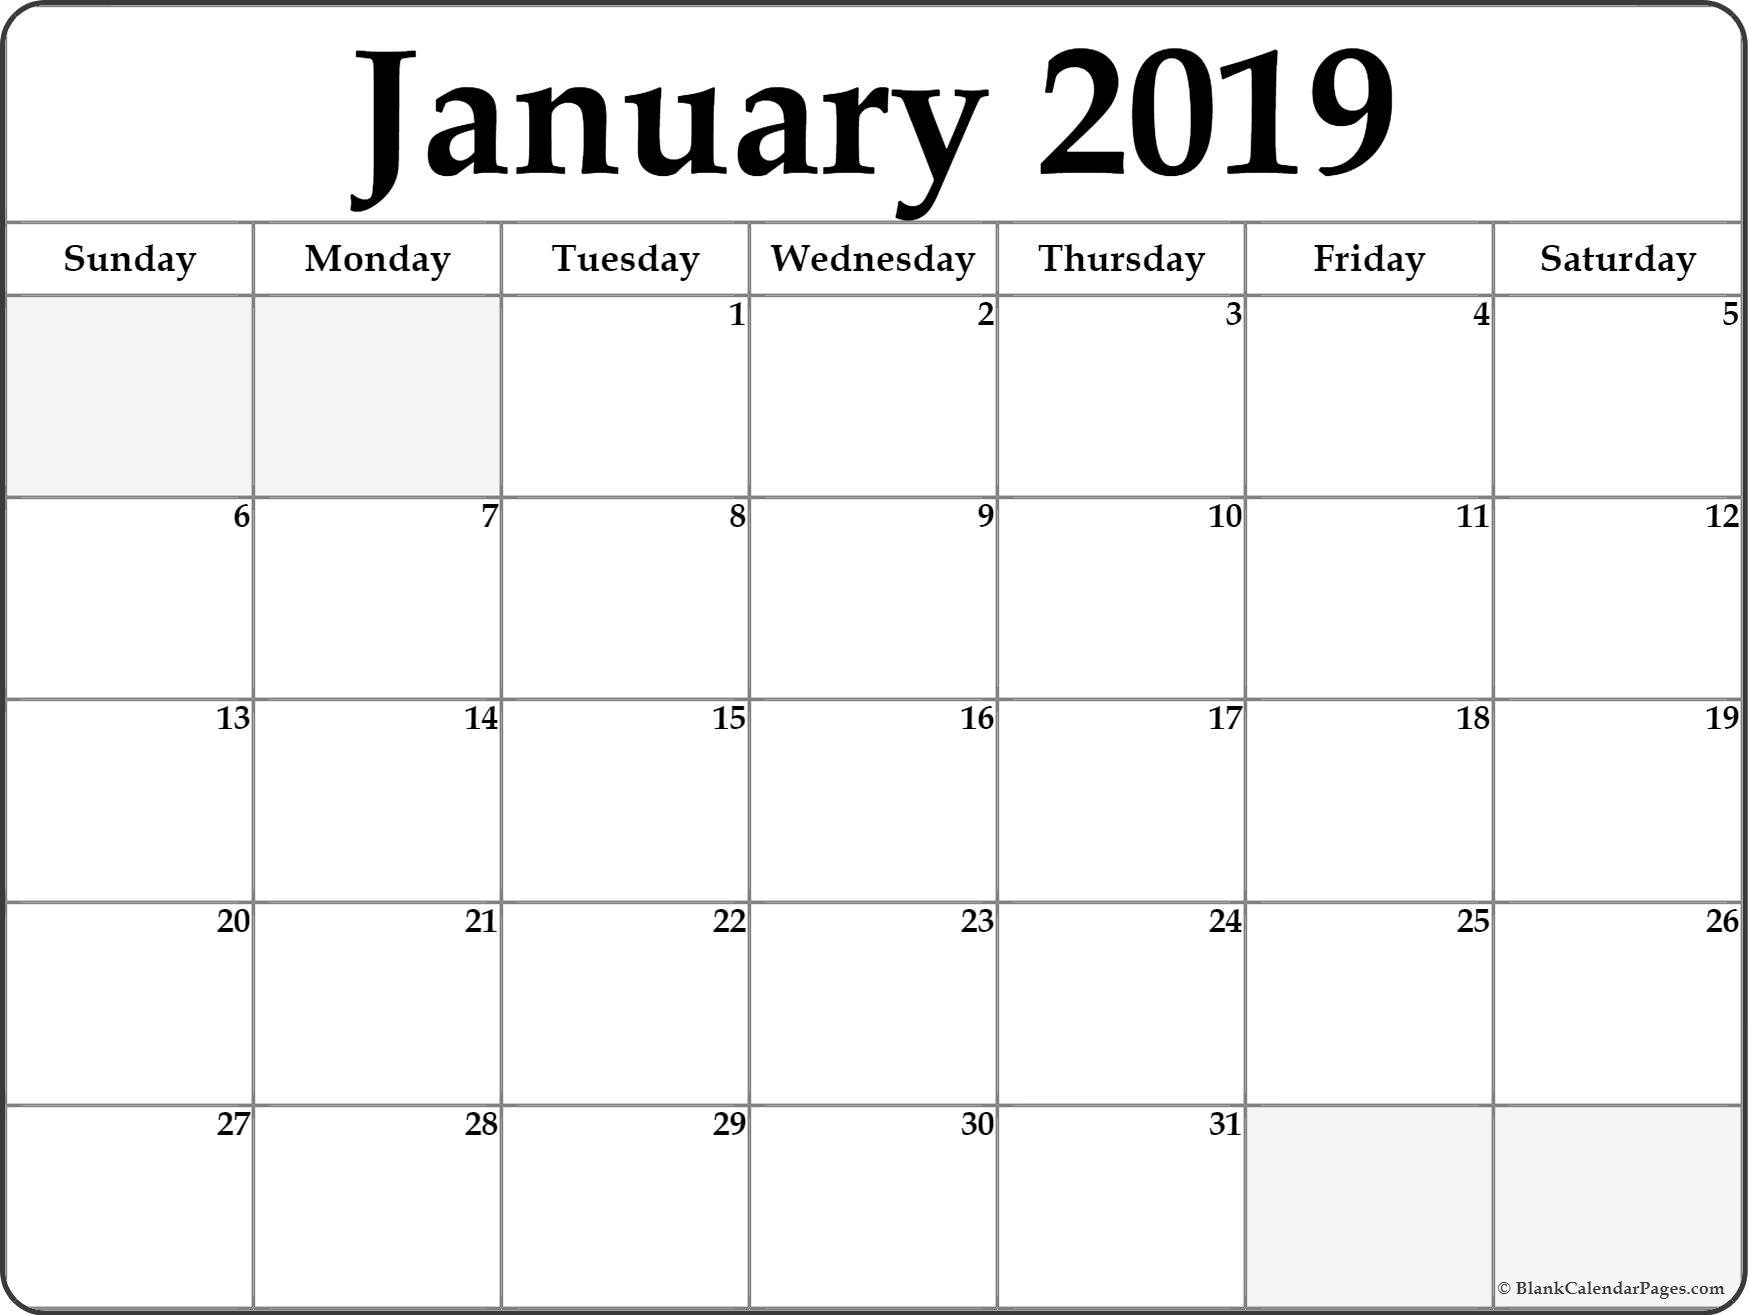 January 2019 Blank Calendar Collection. January 2 2019 Calendar